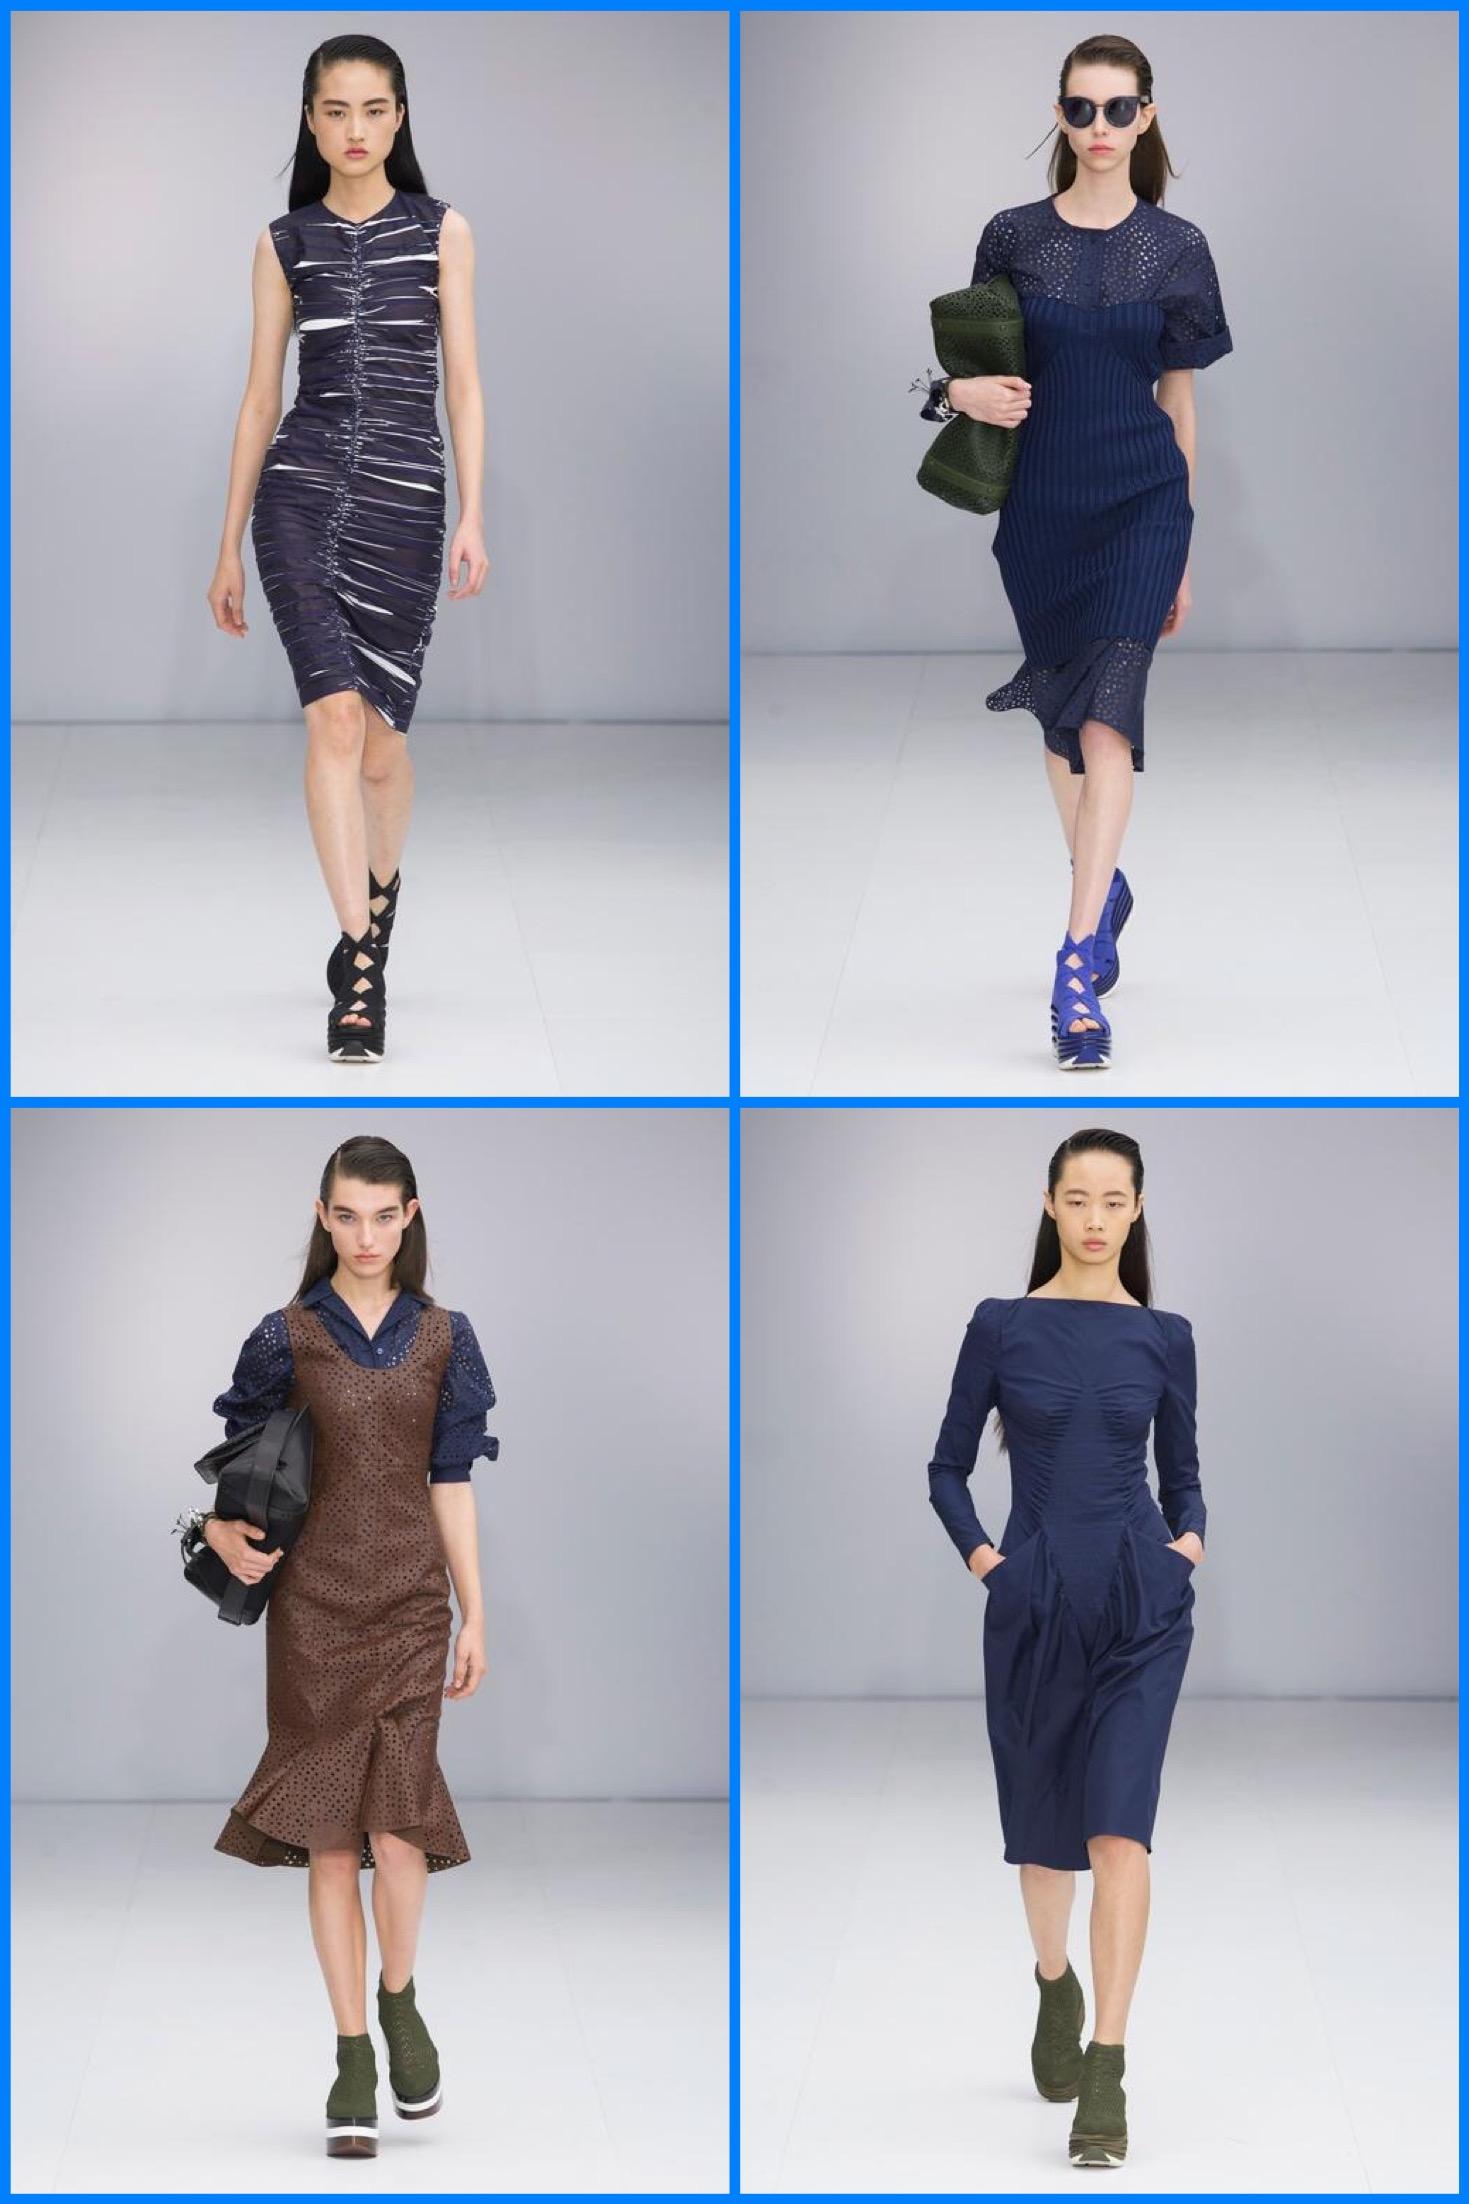 milano-fashion-week-pret-a-porter-spring-summer-2017-style-salvatore-ferragamo